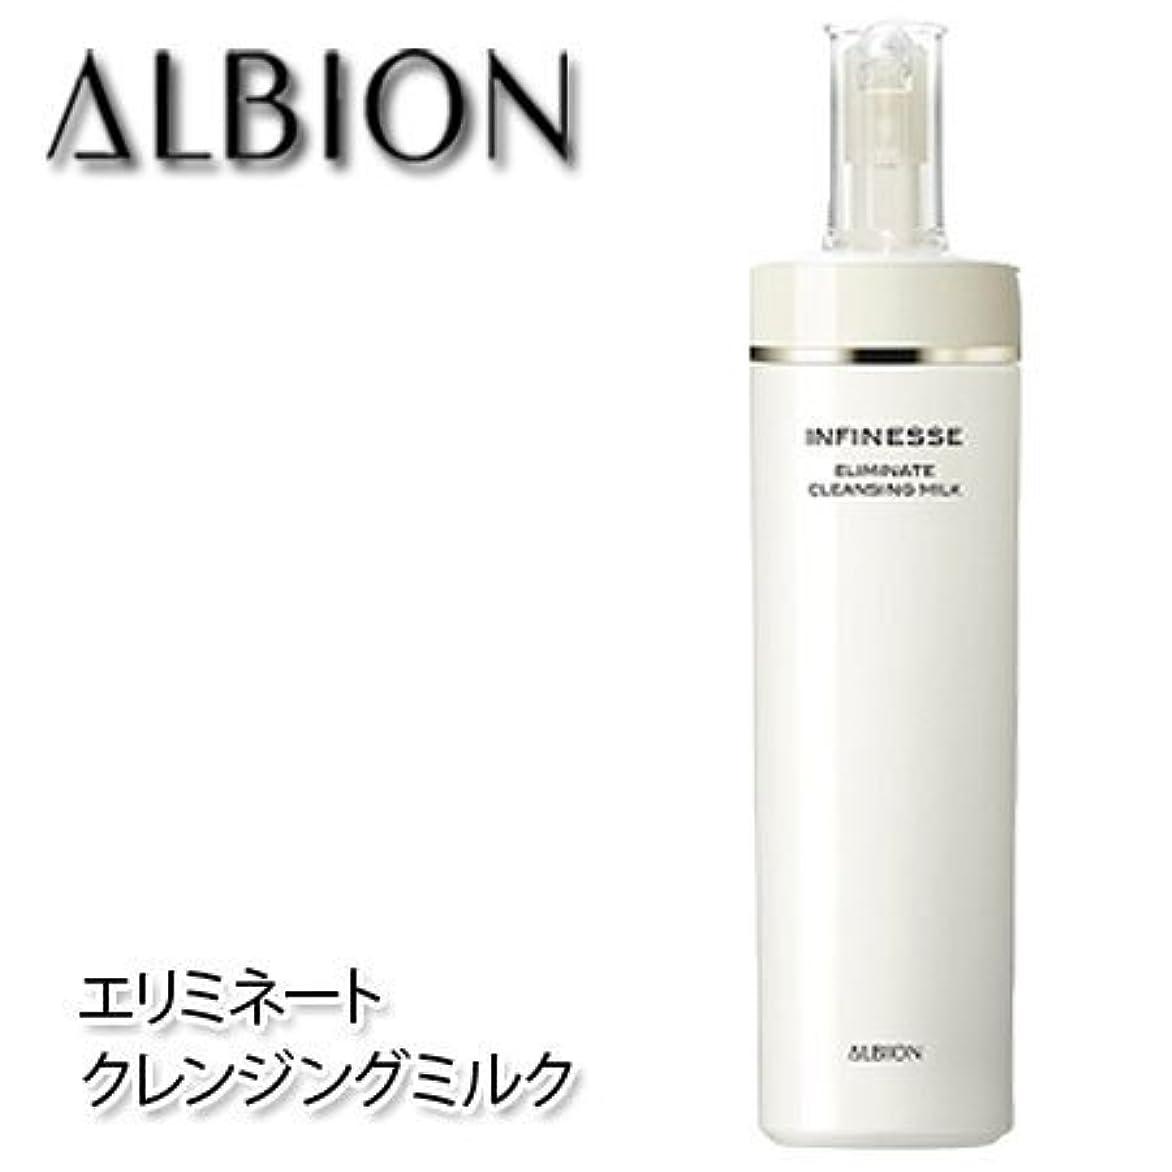 振動させるテーブルぐるぐるアルビオン アンフィネス エリミネート クレンジングミルク 200g-ALBION-